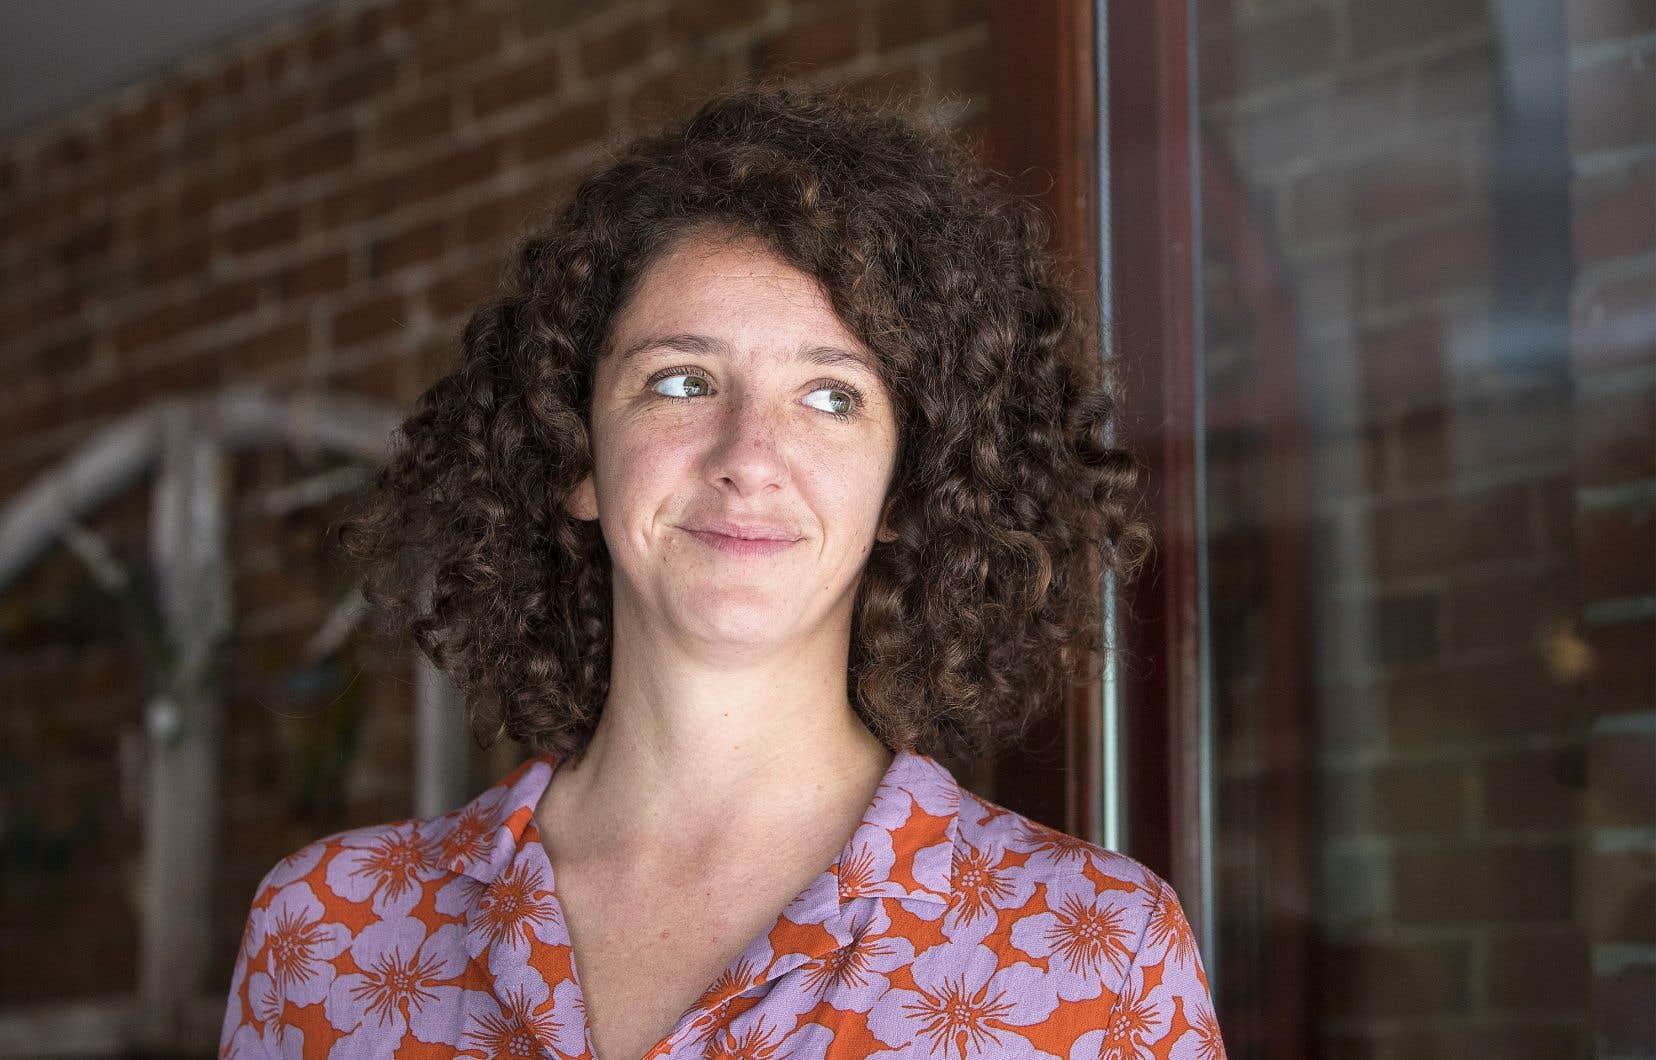 Sara Fauteux, du CEAD, note des similitudes entre la dramaturgie de la Finlande et celle du Québec, notamment l'affirmation d'une identité forte.